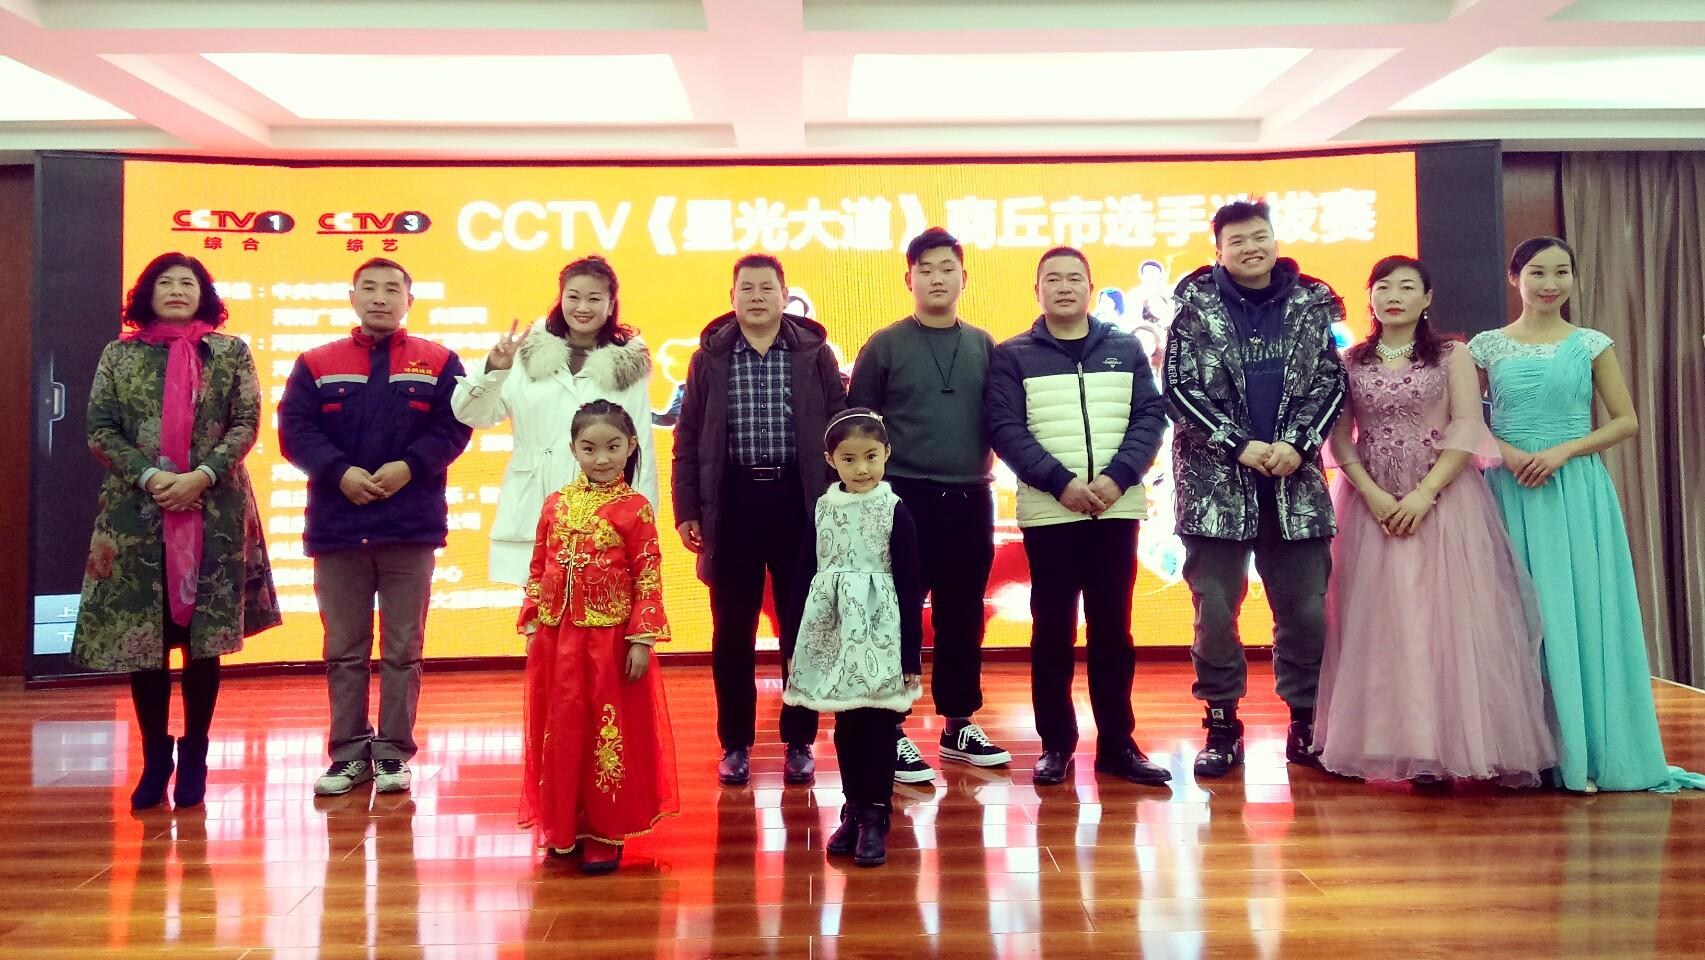 2018中央广播电视总台《星光大道》河南商丘选手选拔活动圆满落幕